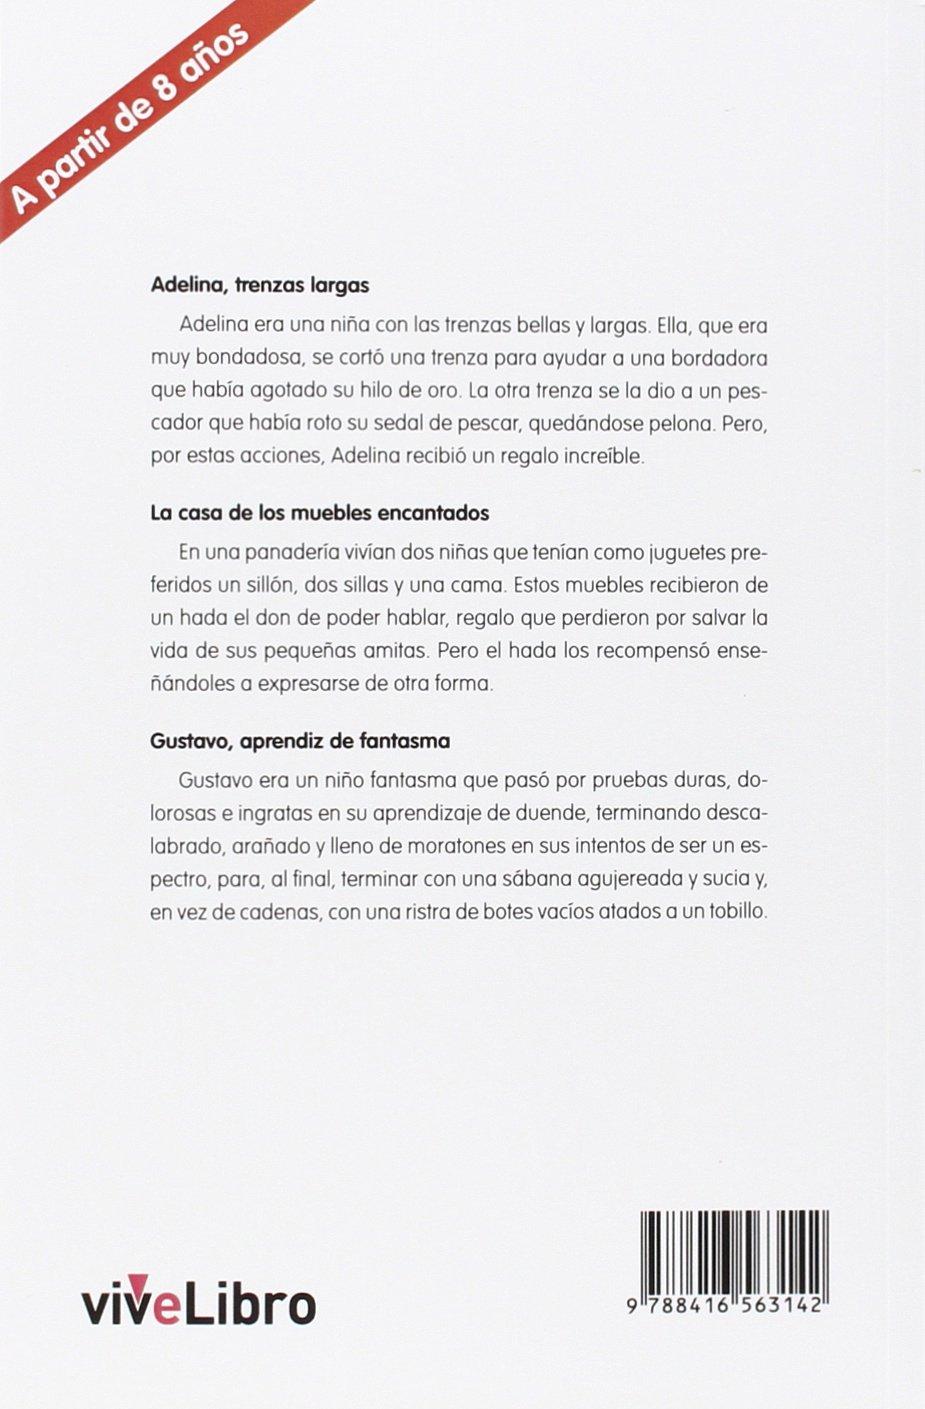 Los cuentos del abuelo I: GABRIEL RODRIGUEZ DE LAS HERAS: 9788416563142: Amazon.com: Books